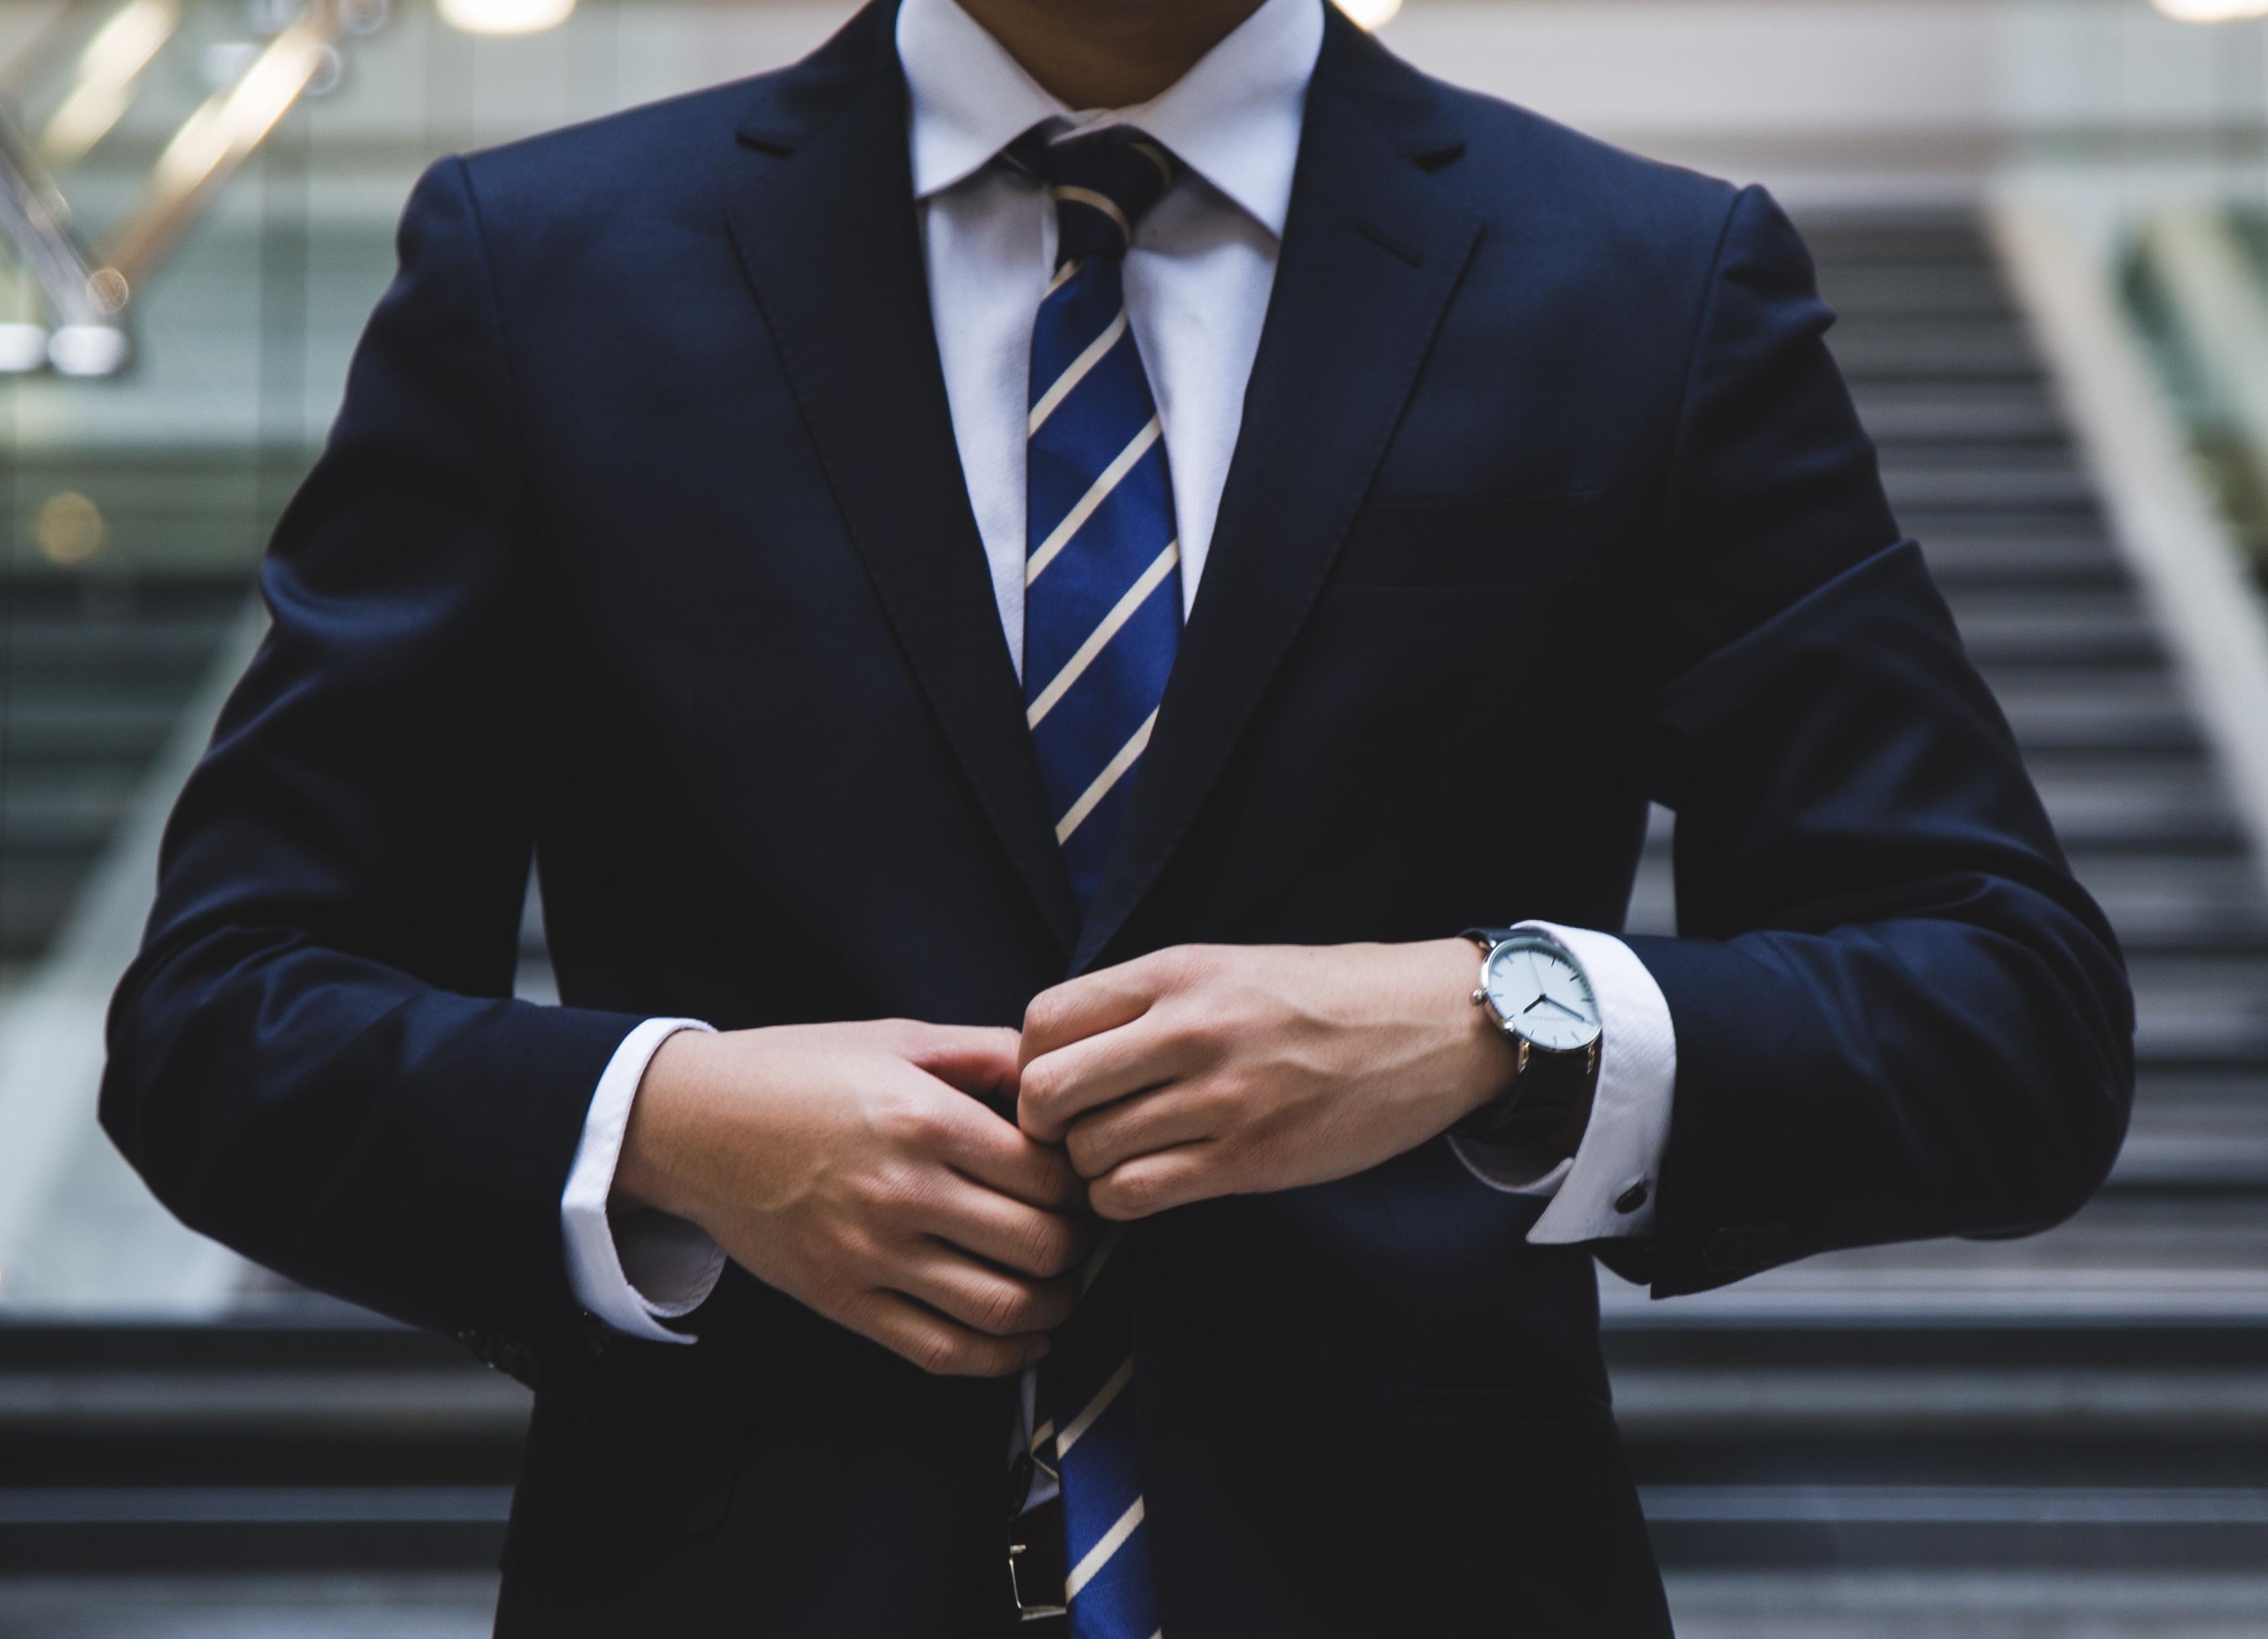 スーツのベストのボタンのとめ方を数別で紹介!着こなし・マナーを徹底解説!